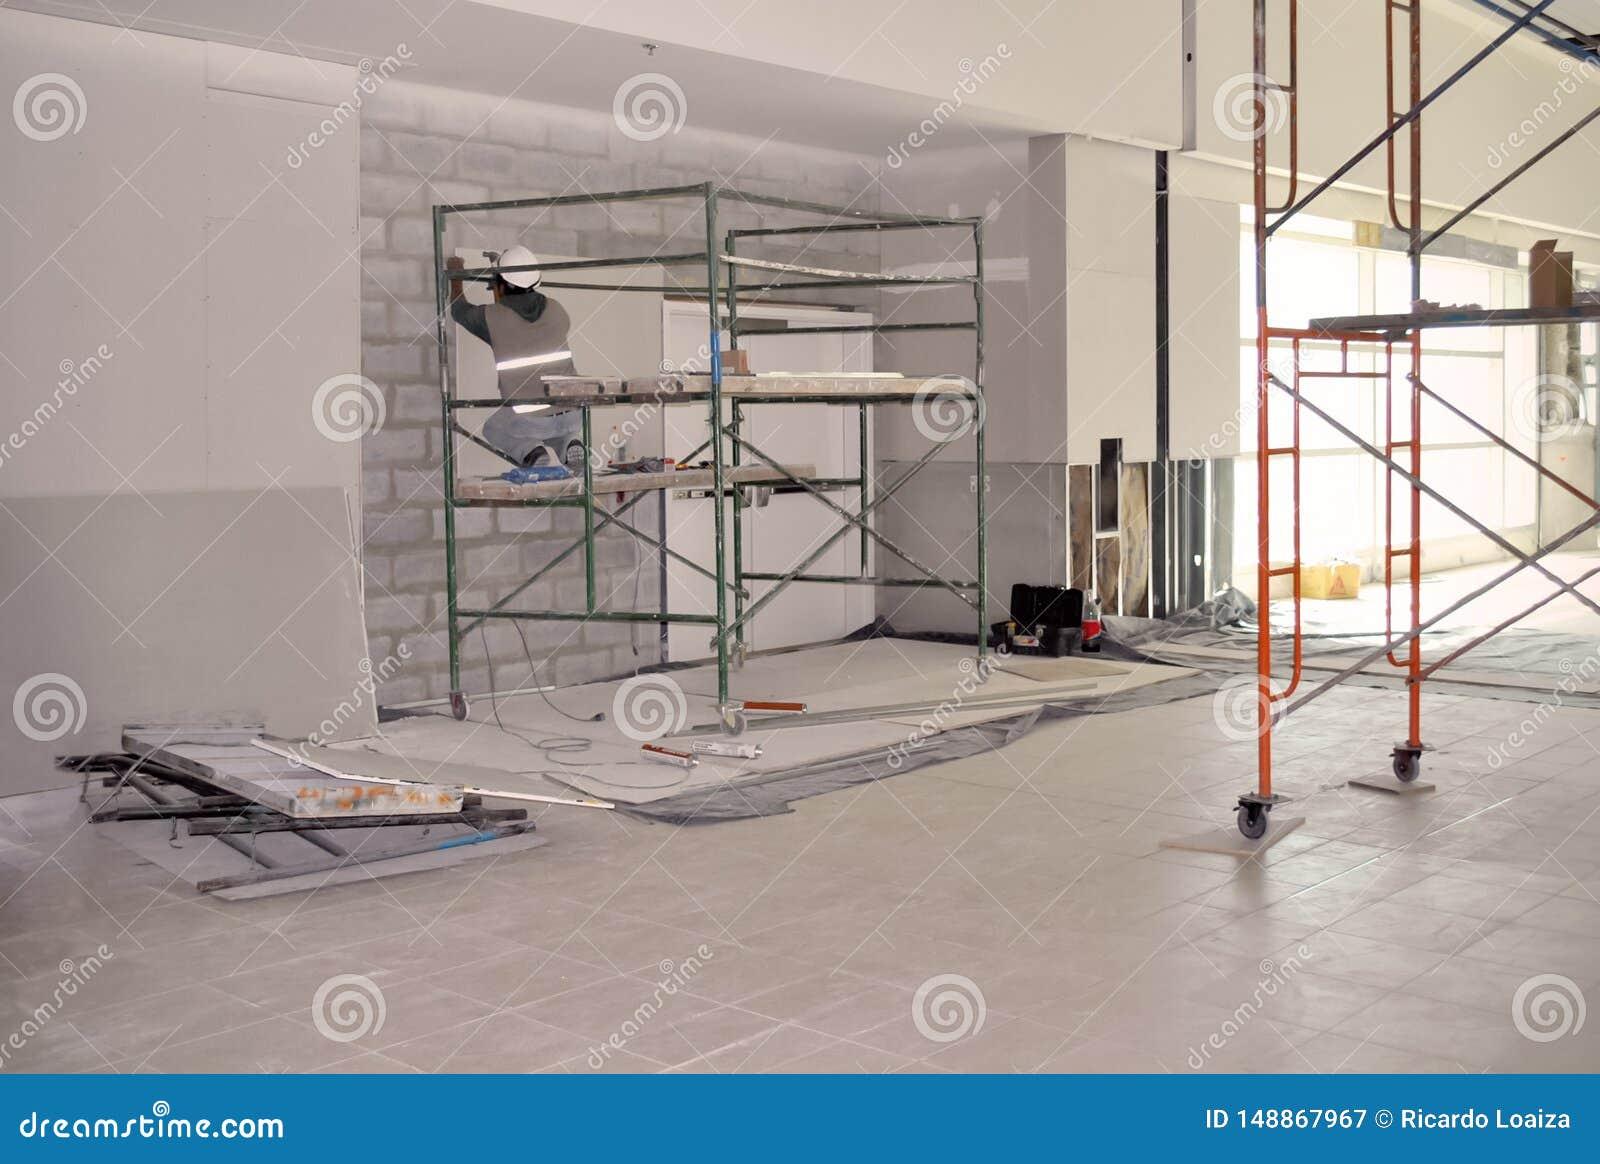 Εργαζόμενος στα υλικά σκαλωσιάς που εγκαθιστά τον τοίχο γύψου